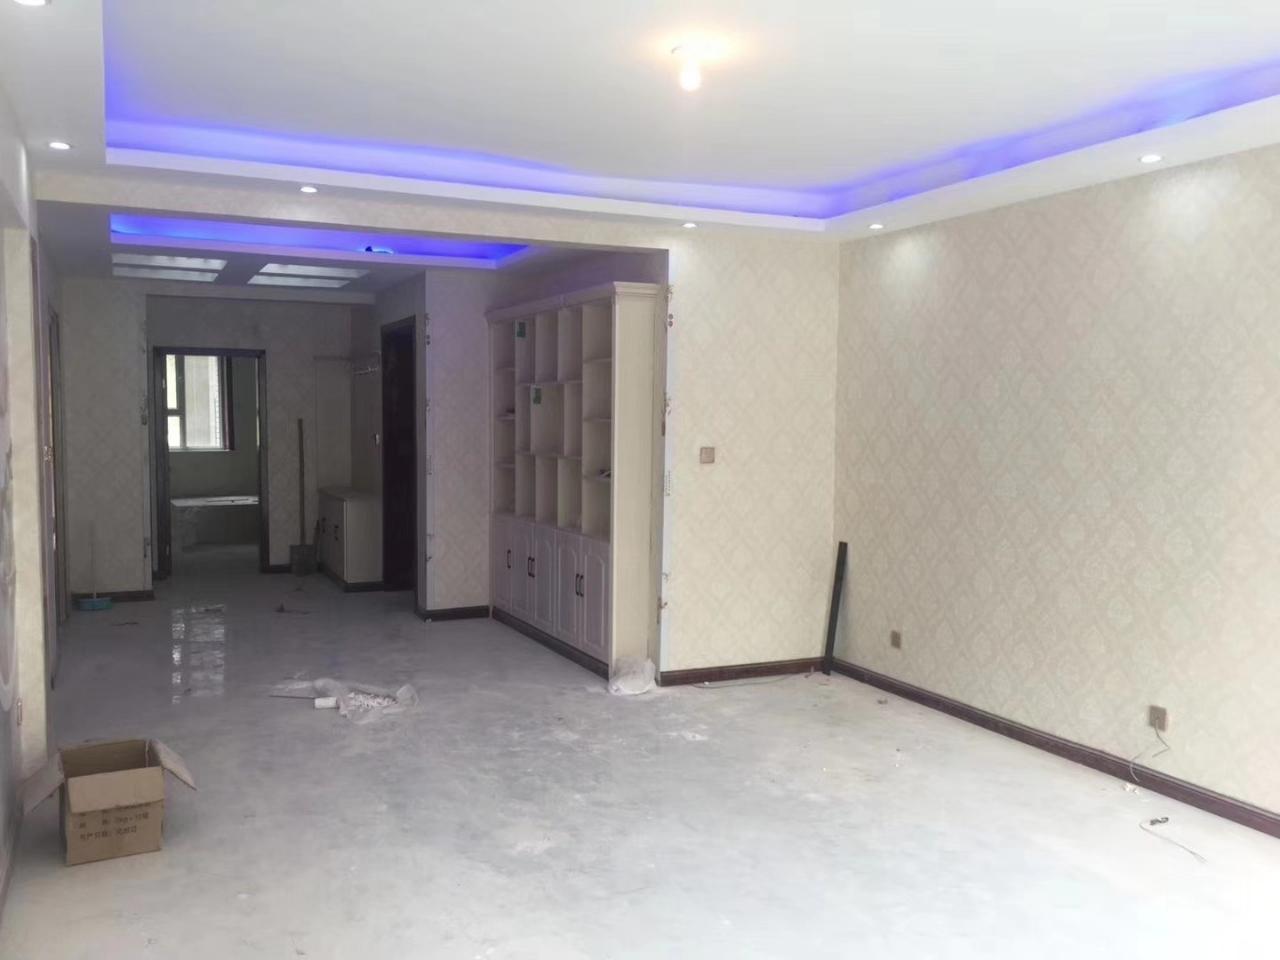 陽光金水灣精裝未入住3室 2廳 1衛69萬元